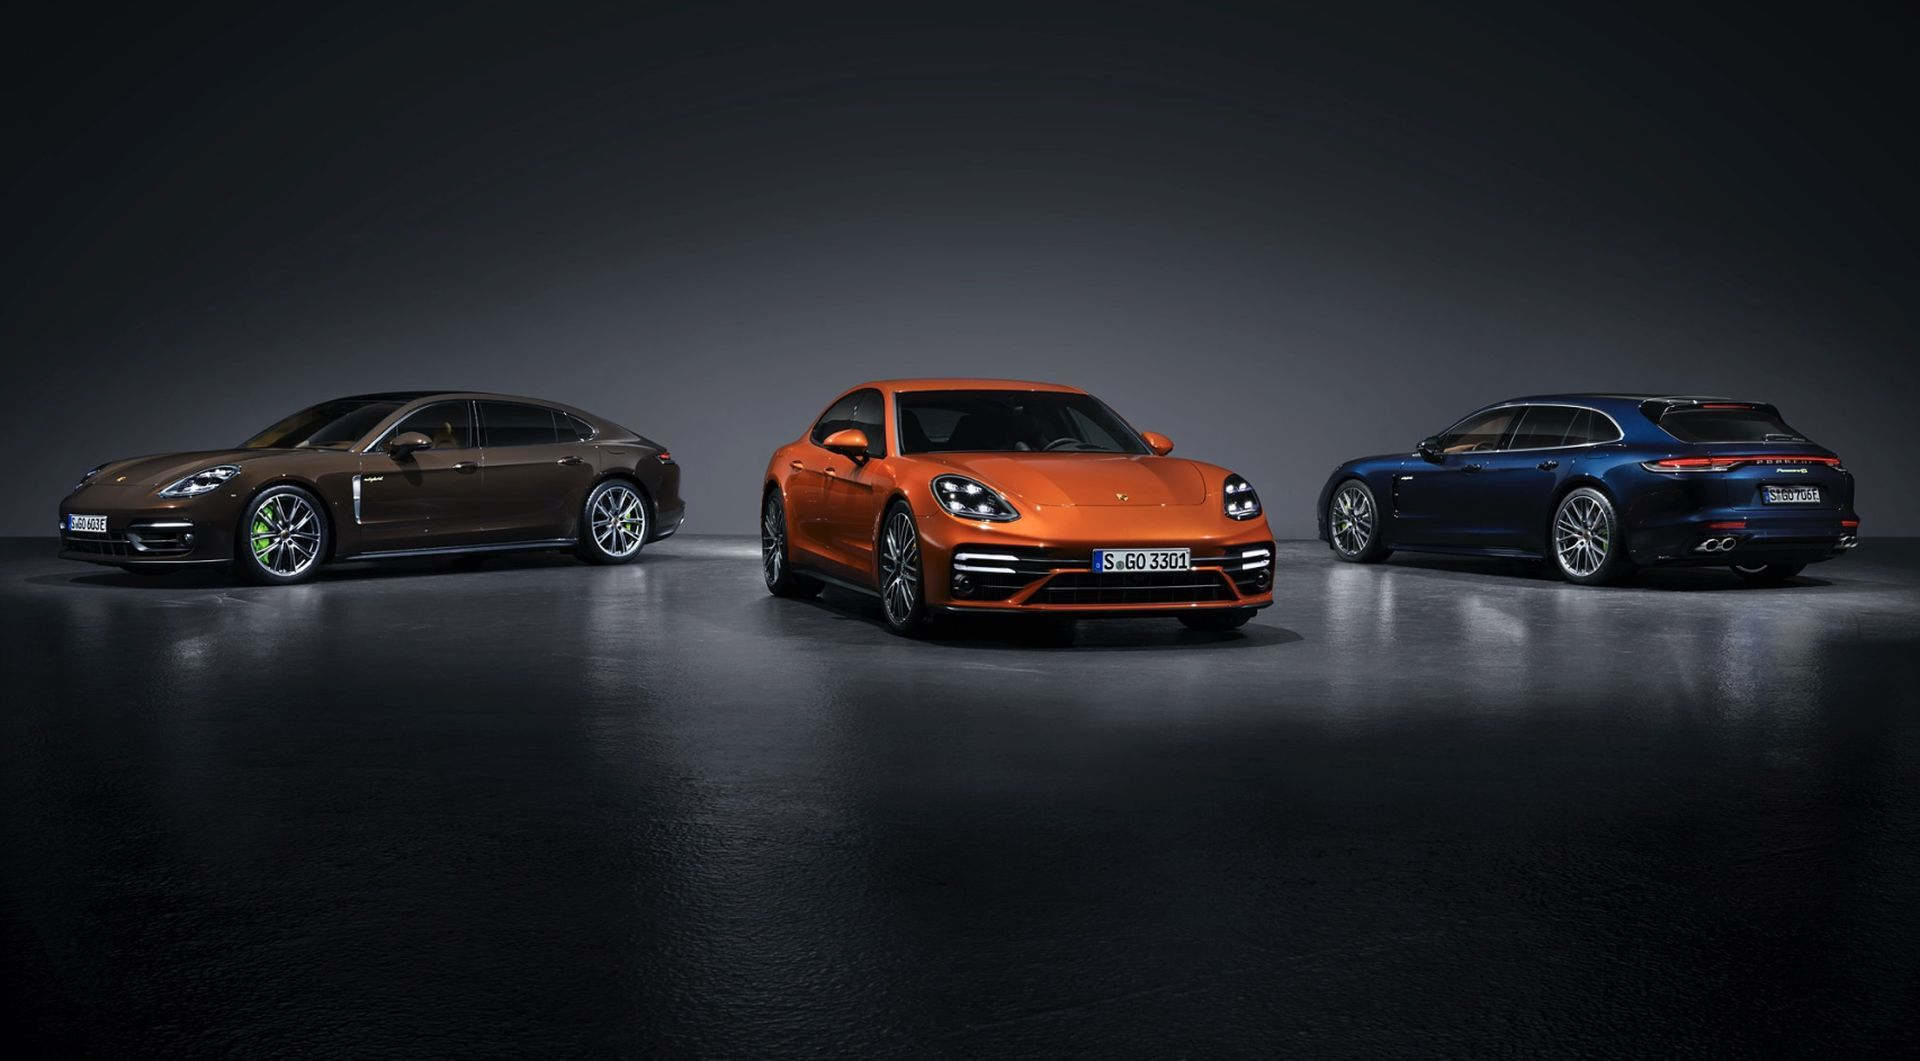 Osvježena Porsche Panamera donosi novi dizajn i snažnije motore